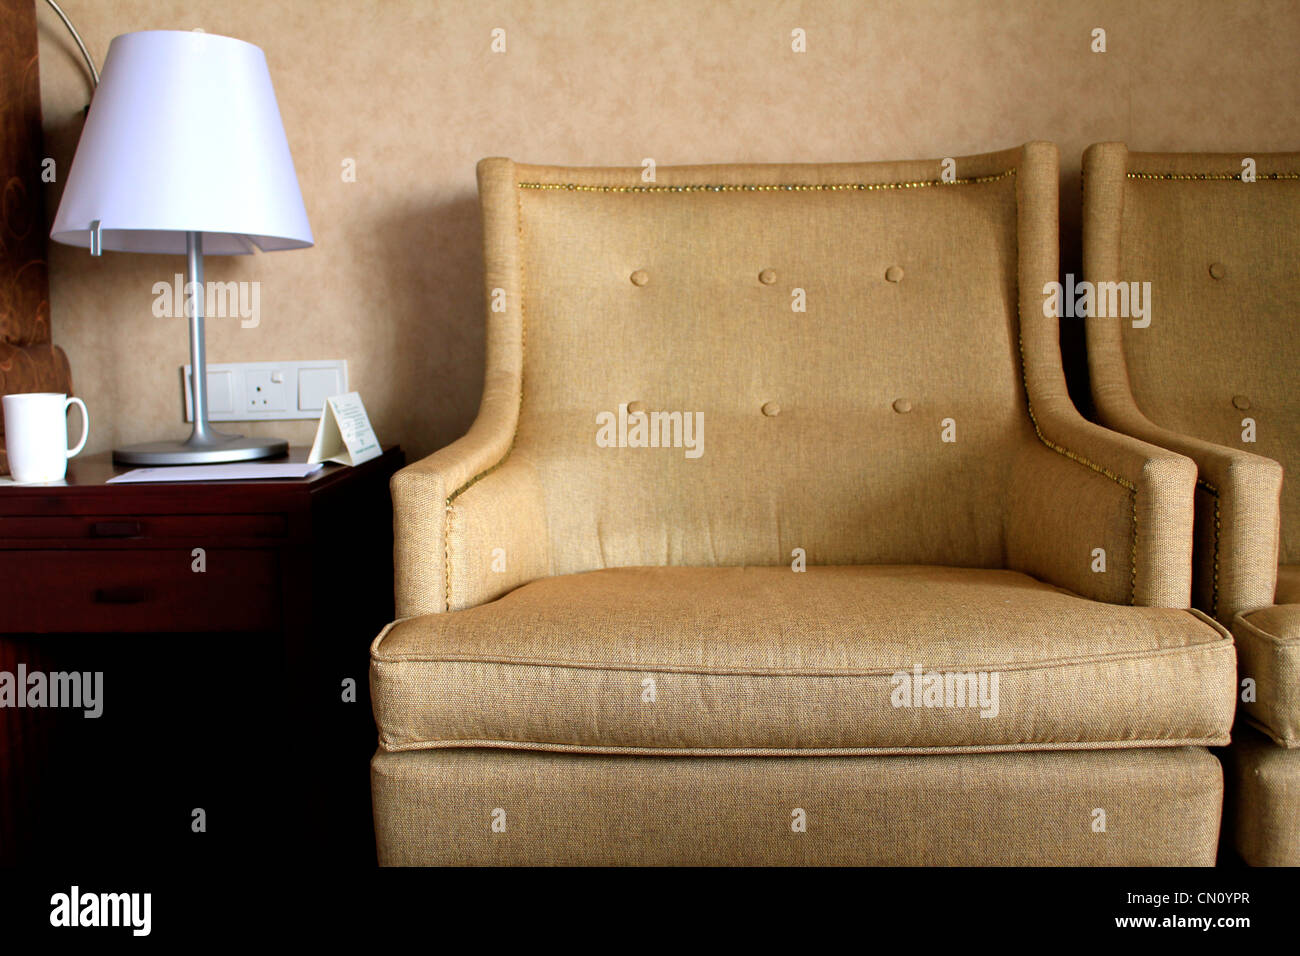 schicke, moderne Innenausstattung Stockfoto, Bild: 47350319 - Alamy